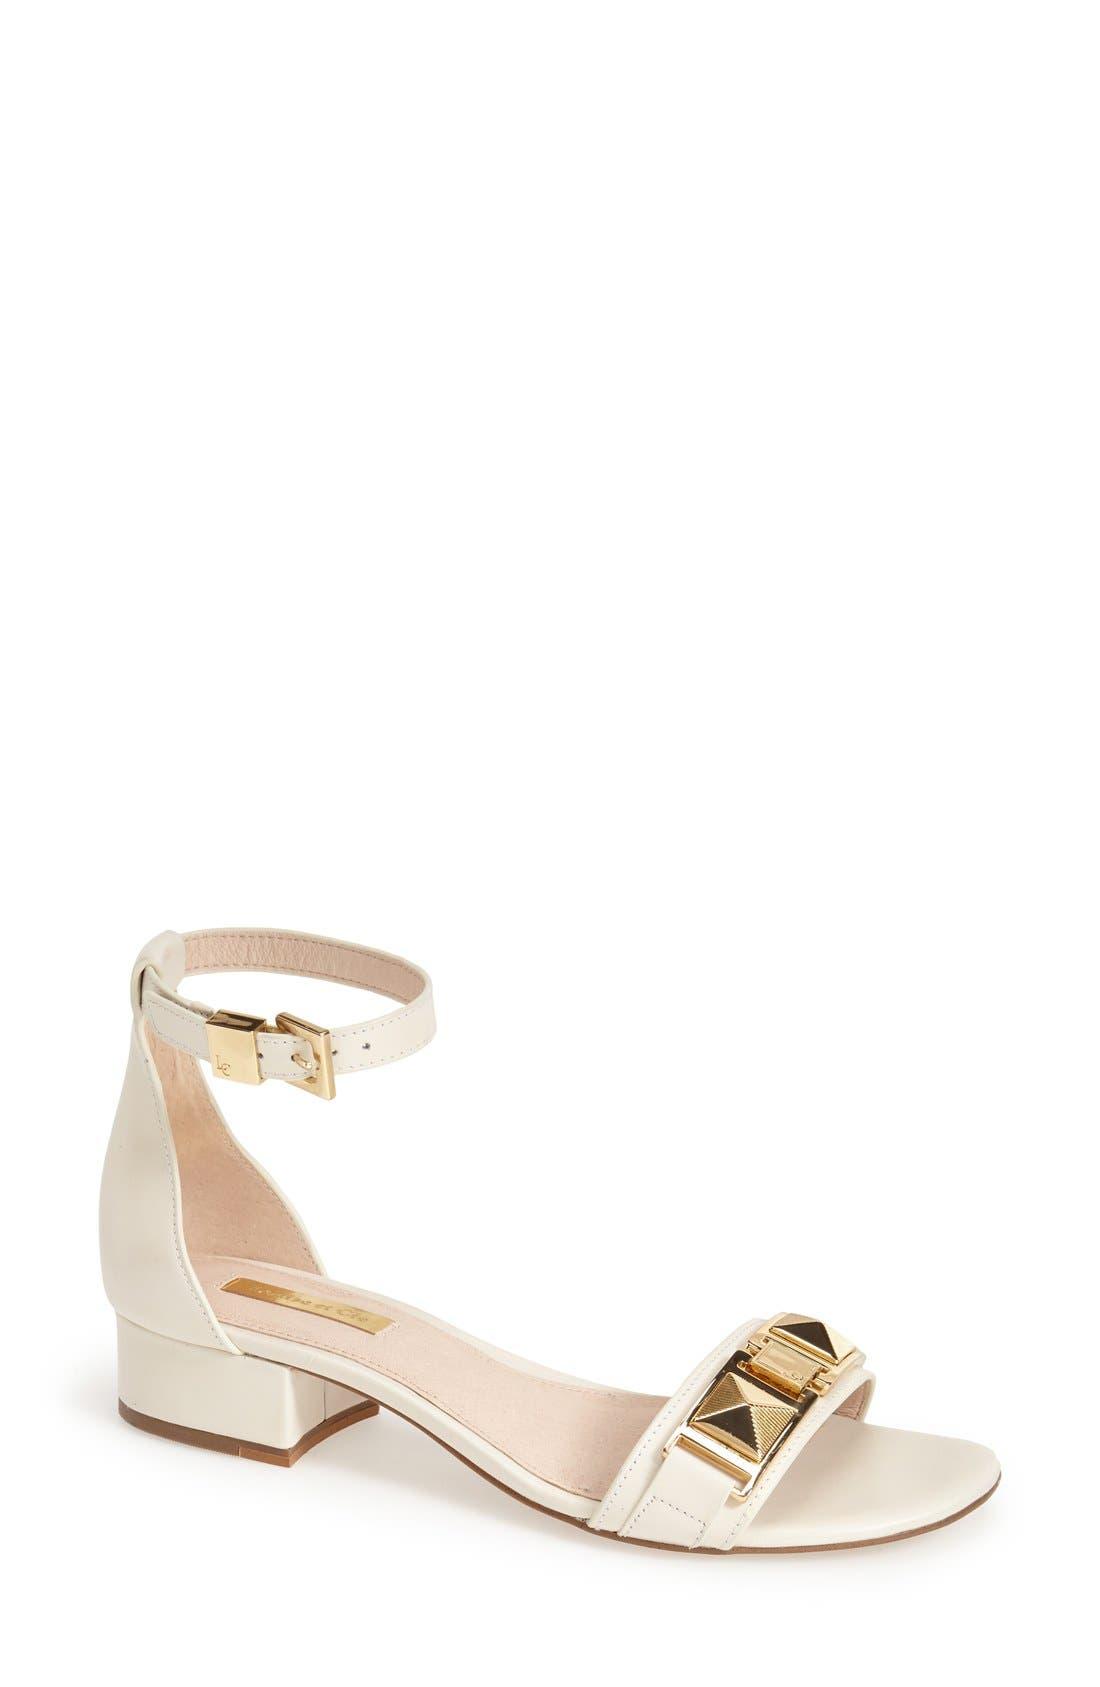 Main Image - Louise et Cie 'Isabelle' Ankle Strap Sandal (Women)